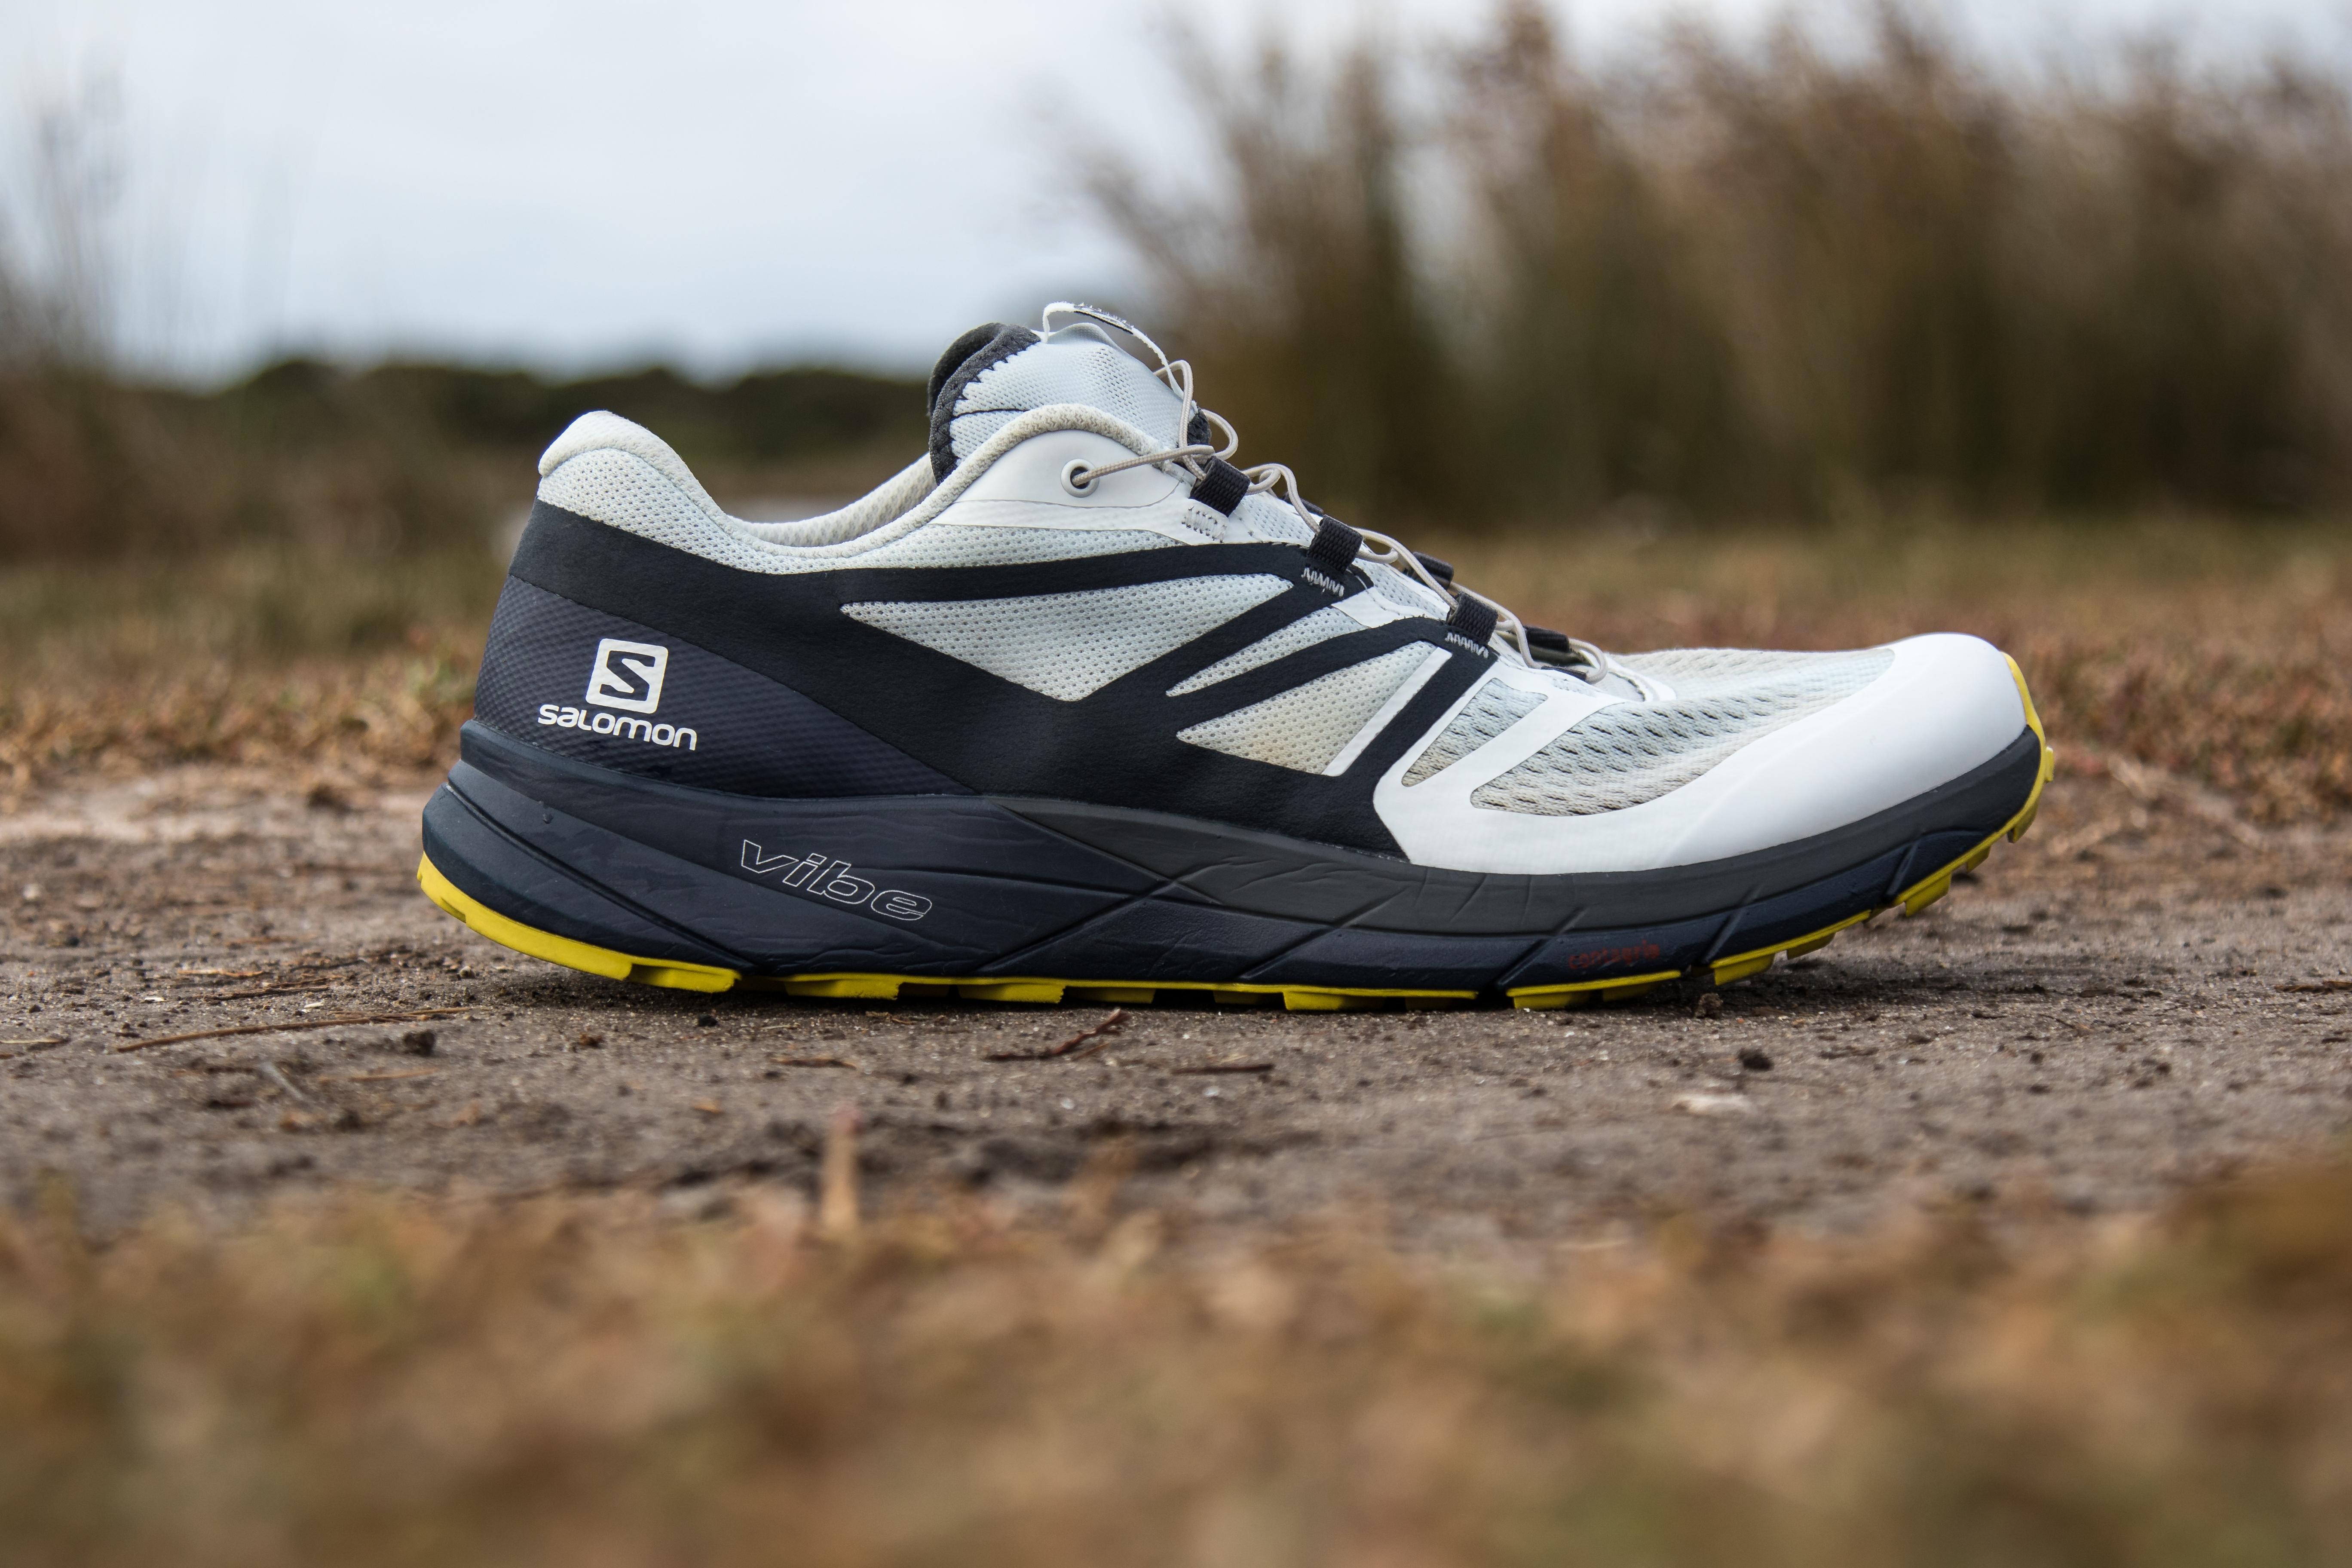 33c4a54e Shoe review: Salomon Sense Ride 2 - TrailRun Magazine